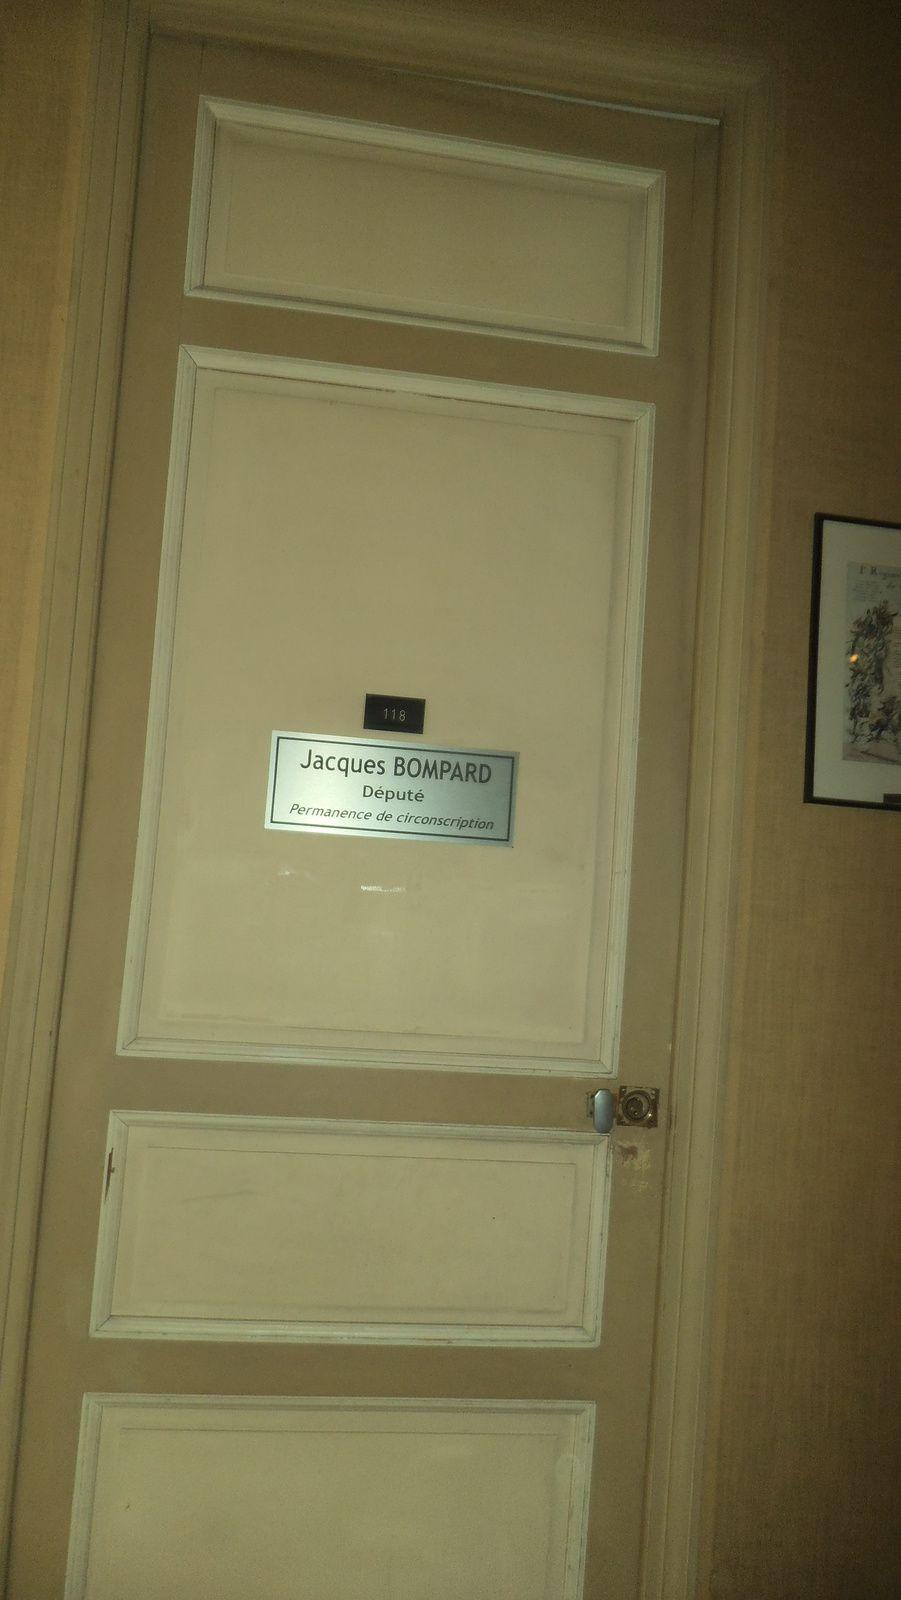 Donnant dans le hall la porte de l'ex-bureau du chef de la communication transformé et totalement réaménagé dernièrement en permanence de circonscription du député Jacques Bompard. Euh! réaménagé avec quels moyens? Des employés municipaux montaient les meubles en décembre dernier.